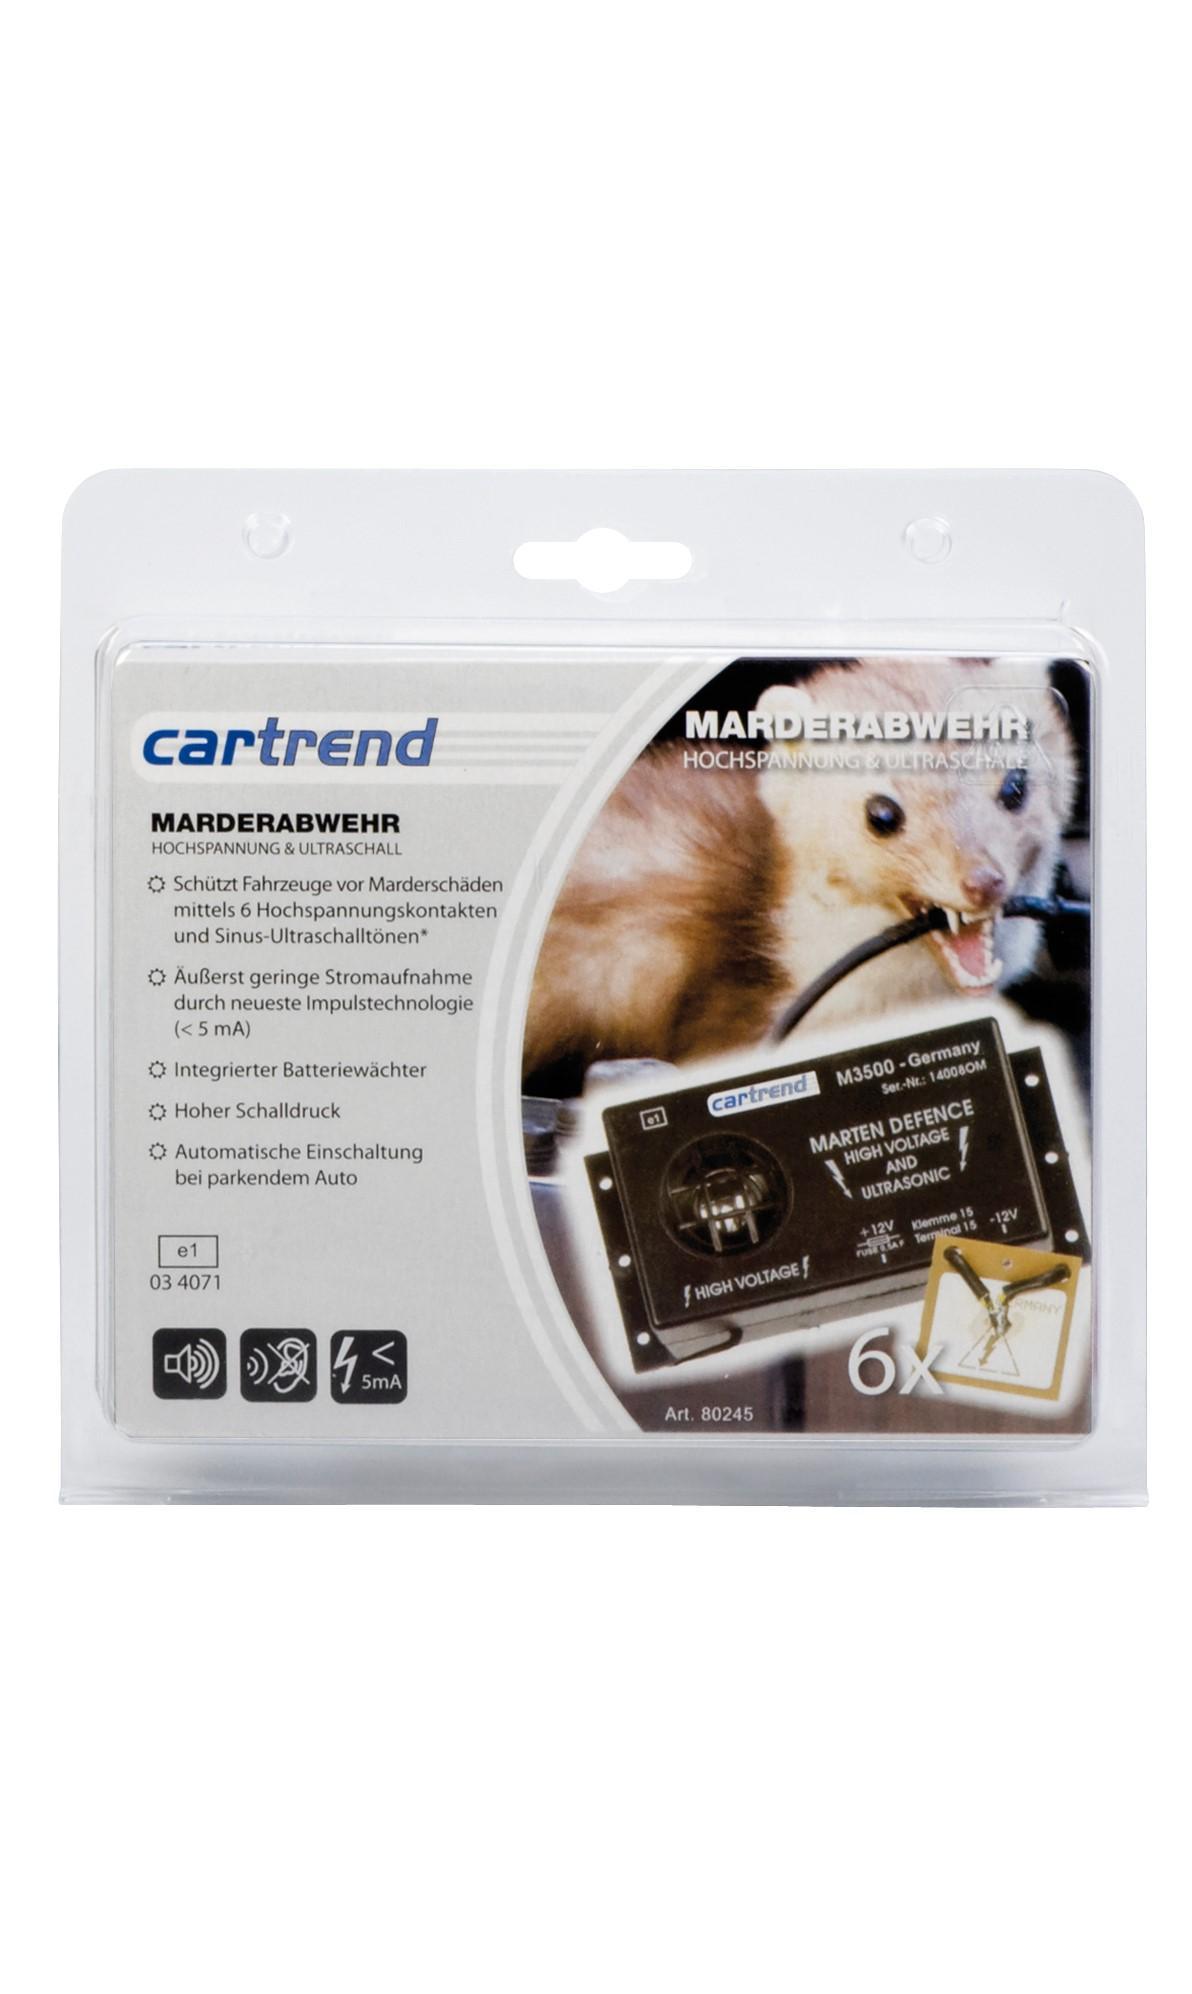 80245 CARTREND M3500 Marderschutz 80245 günstig kaufen